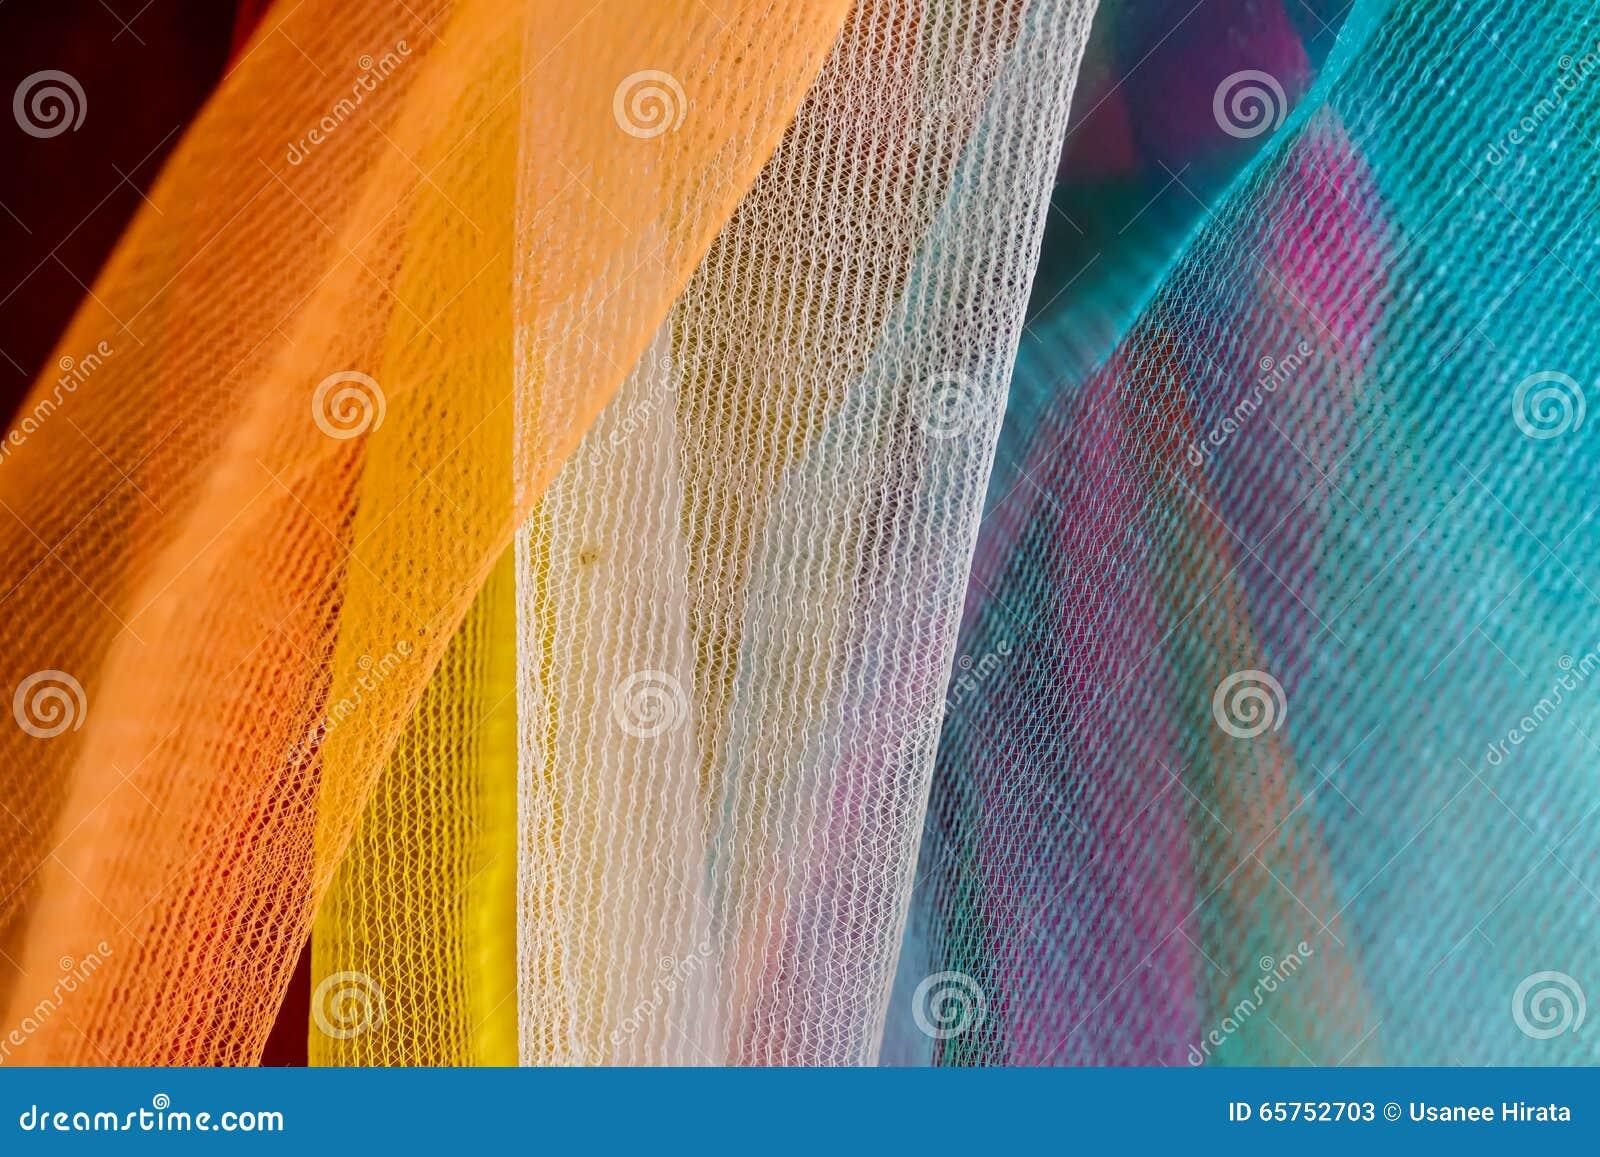 La guirnalda plástica tailandesa colorida, se puede encontrar en cualquier temporero budista